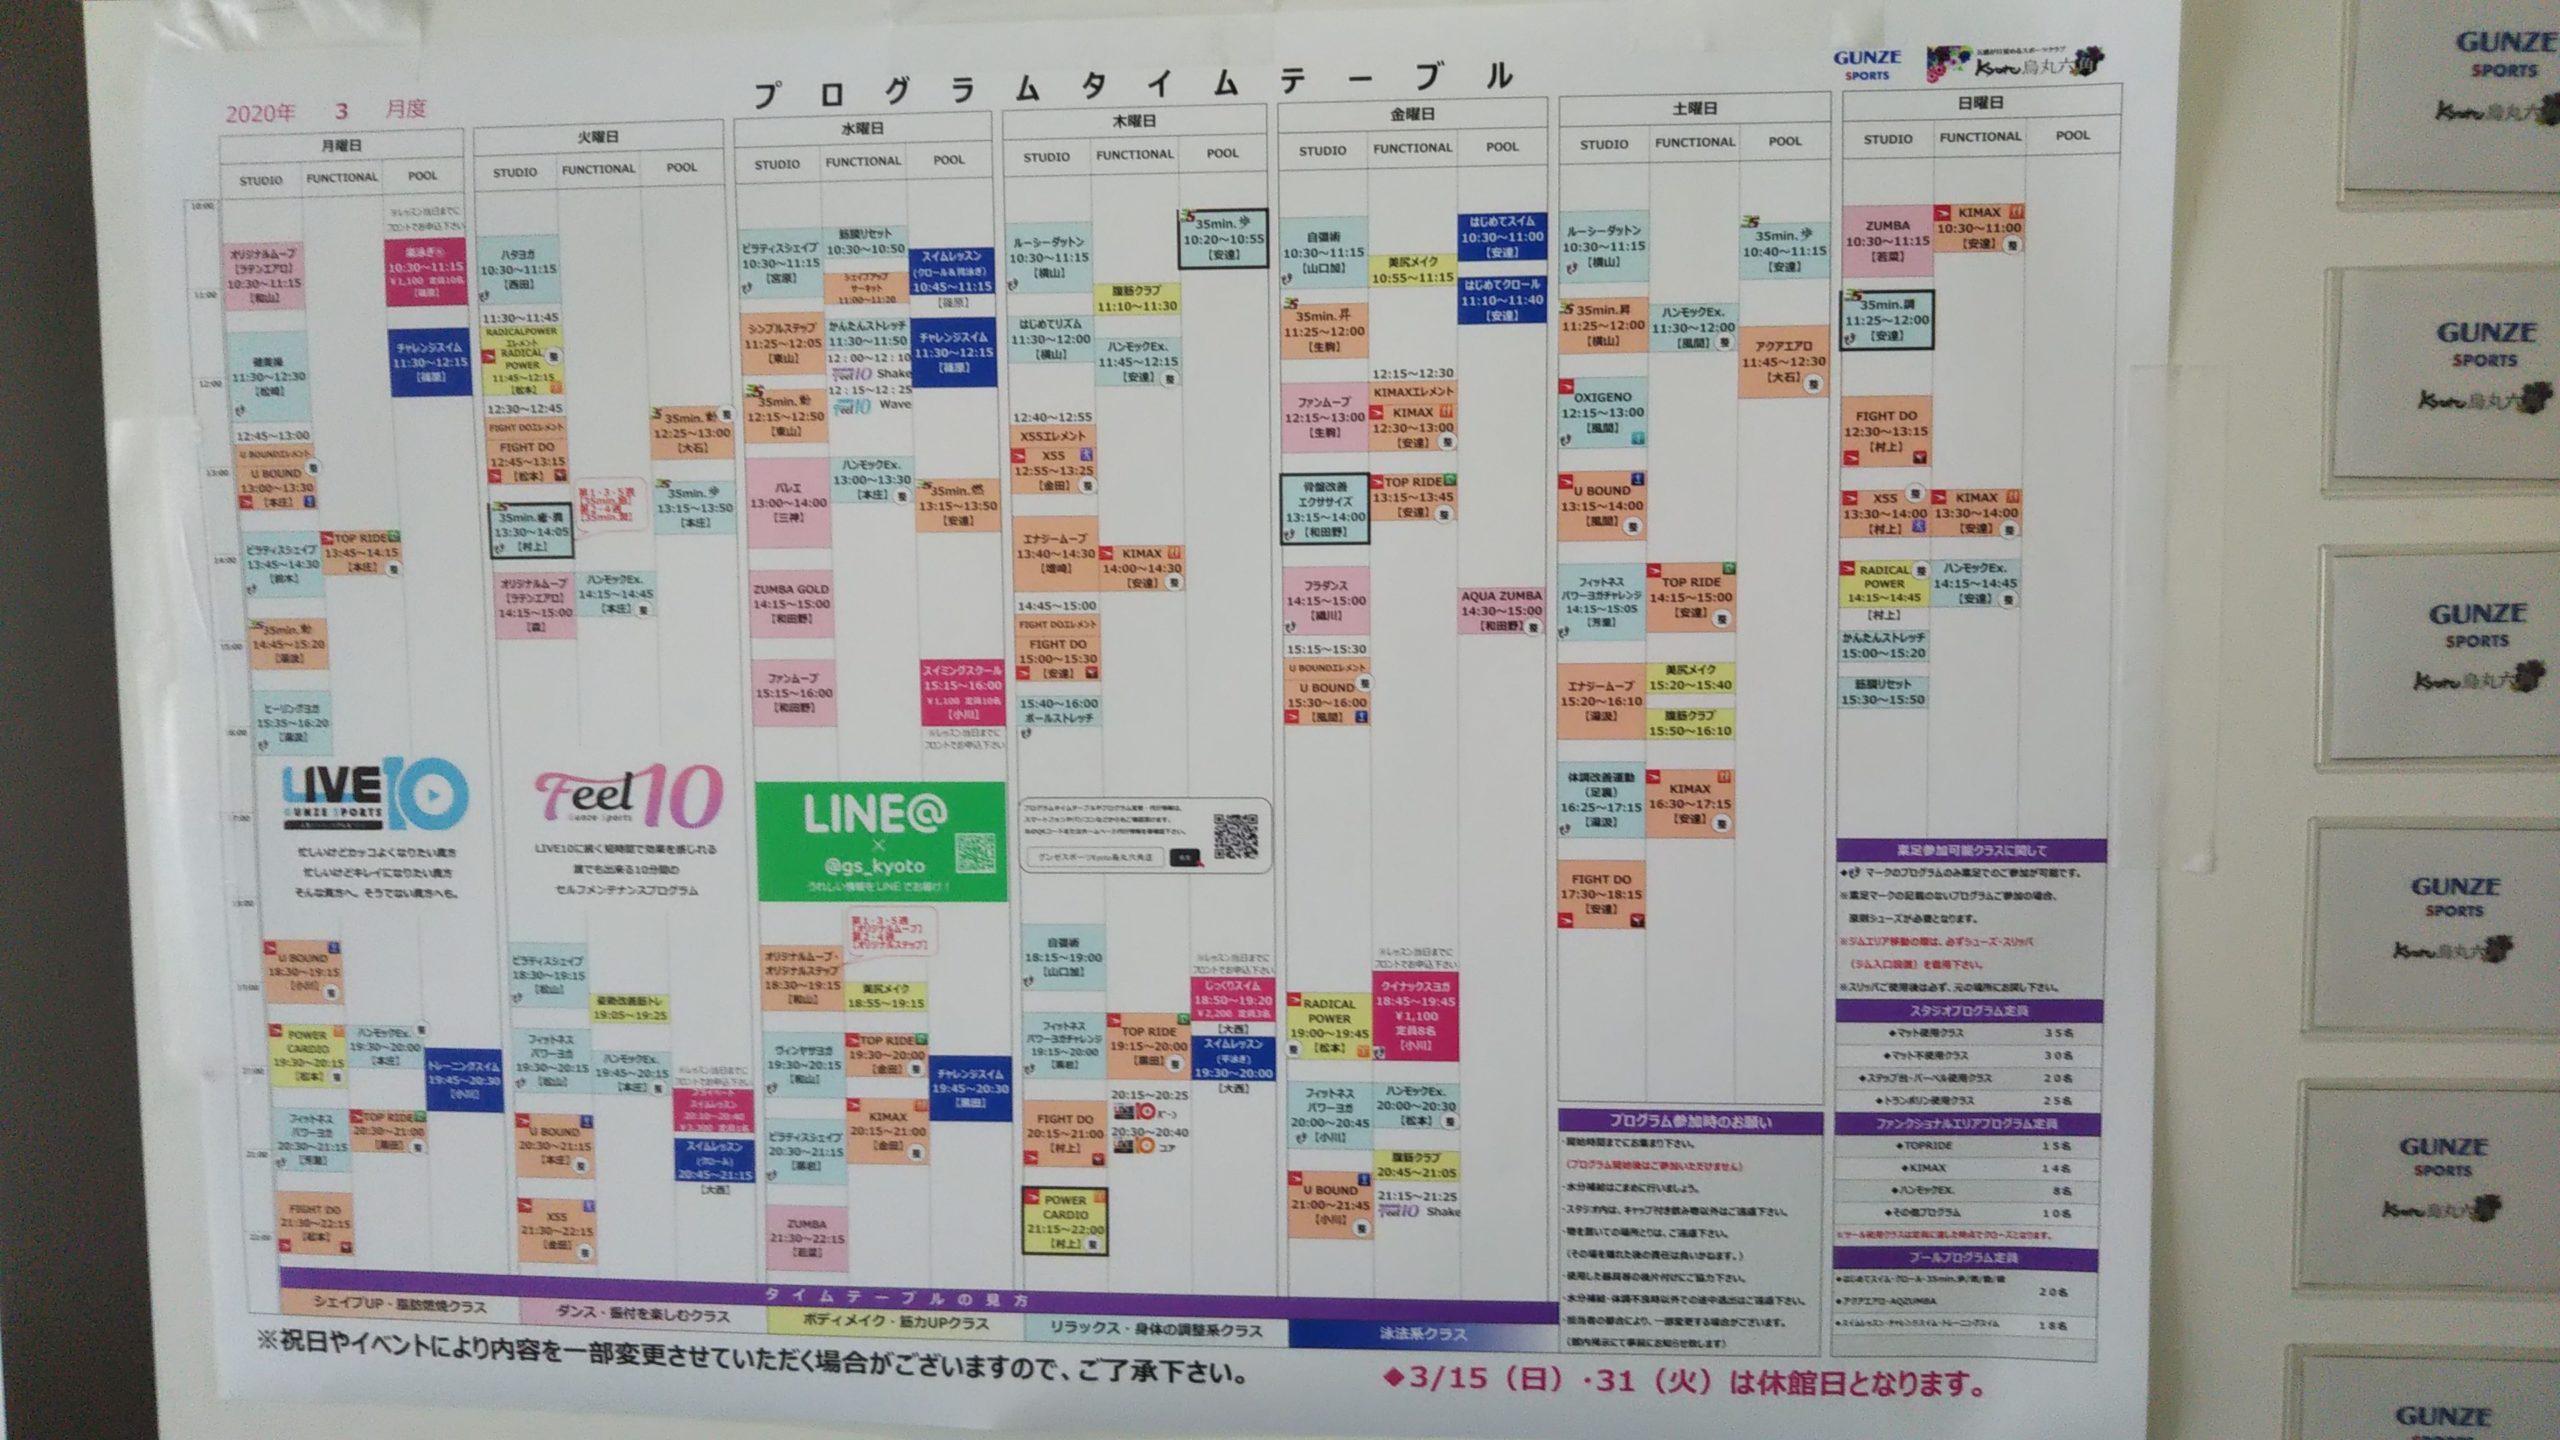 グンゼスポーツKyoto烏丸六角 スタジオプログラム